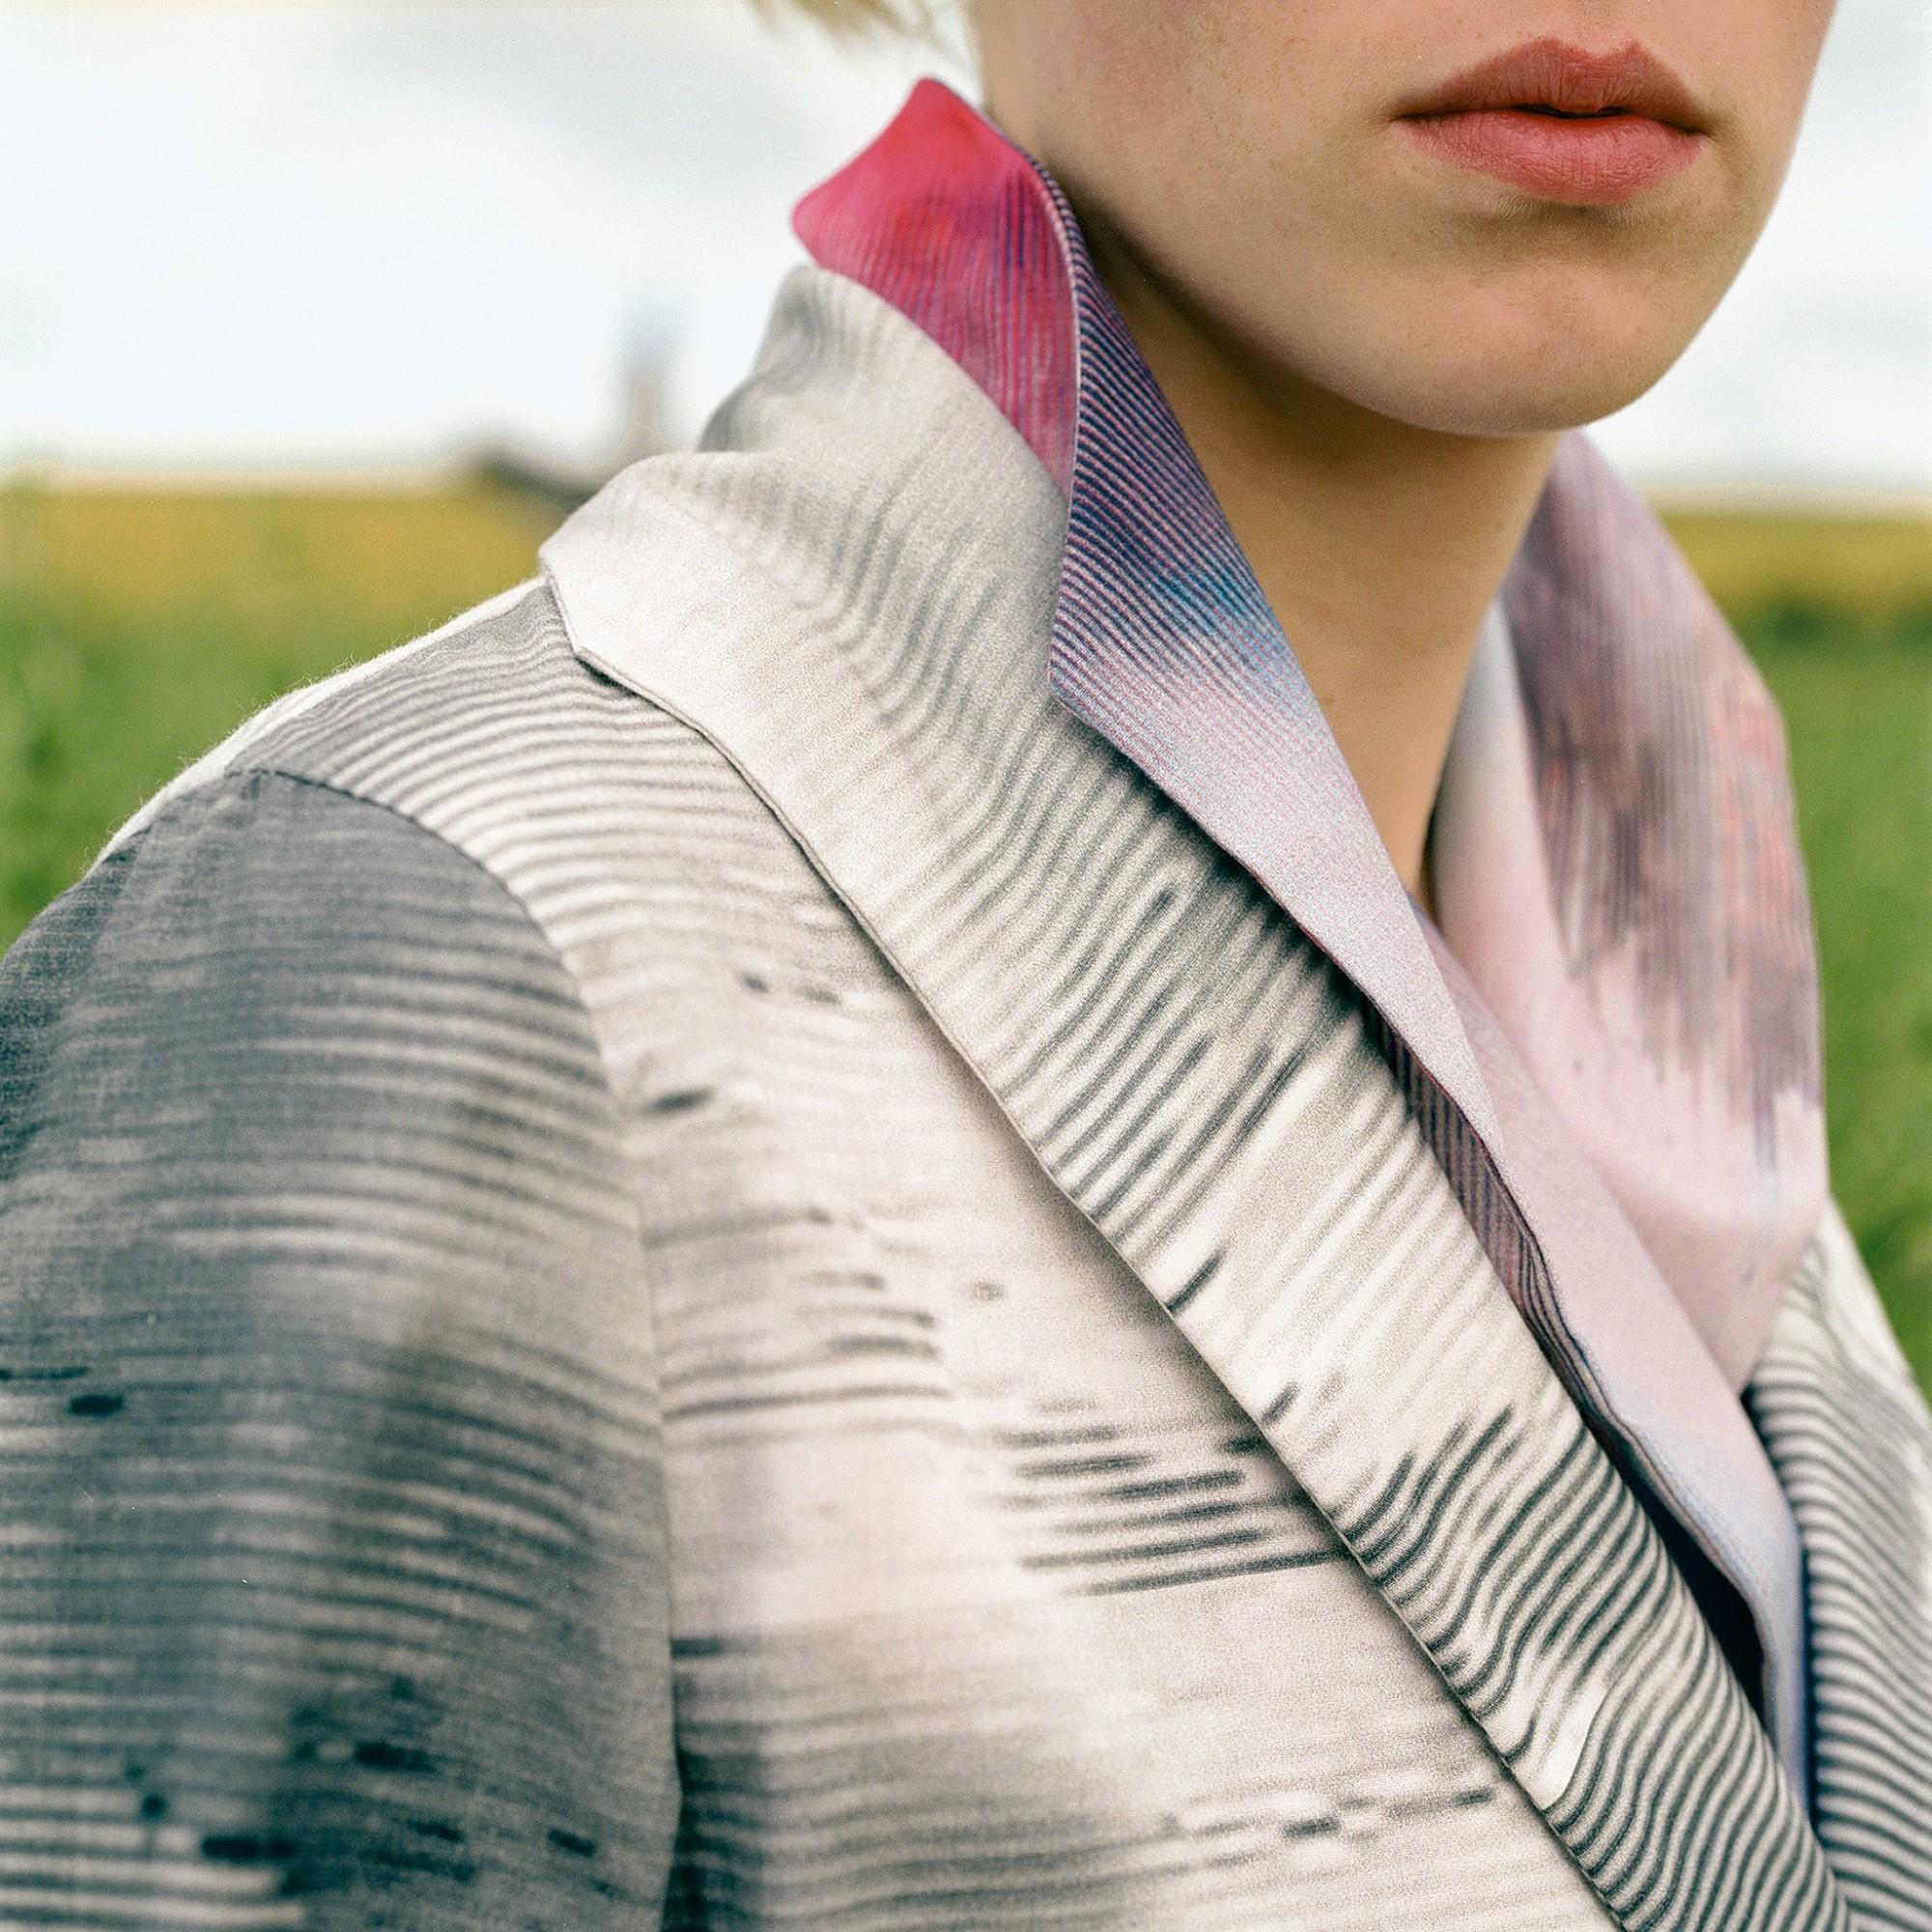 Afbeelding: Mode fotografie bedrukt textiel foto Van Huffel, locatie Wissant, voor © Anita Evenepoel.